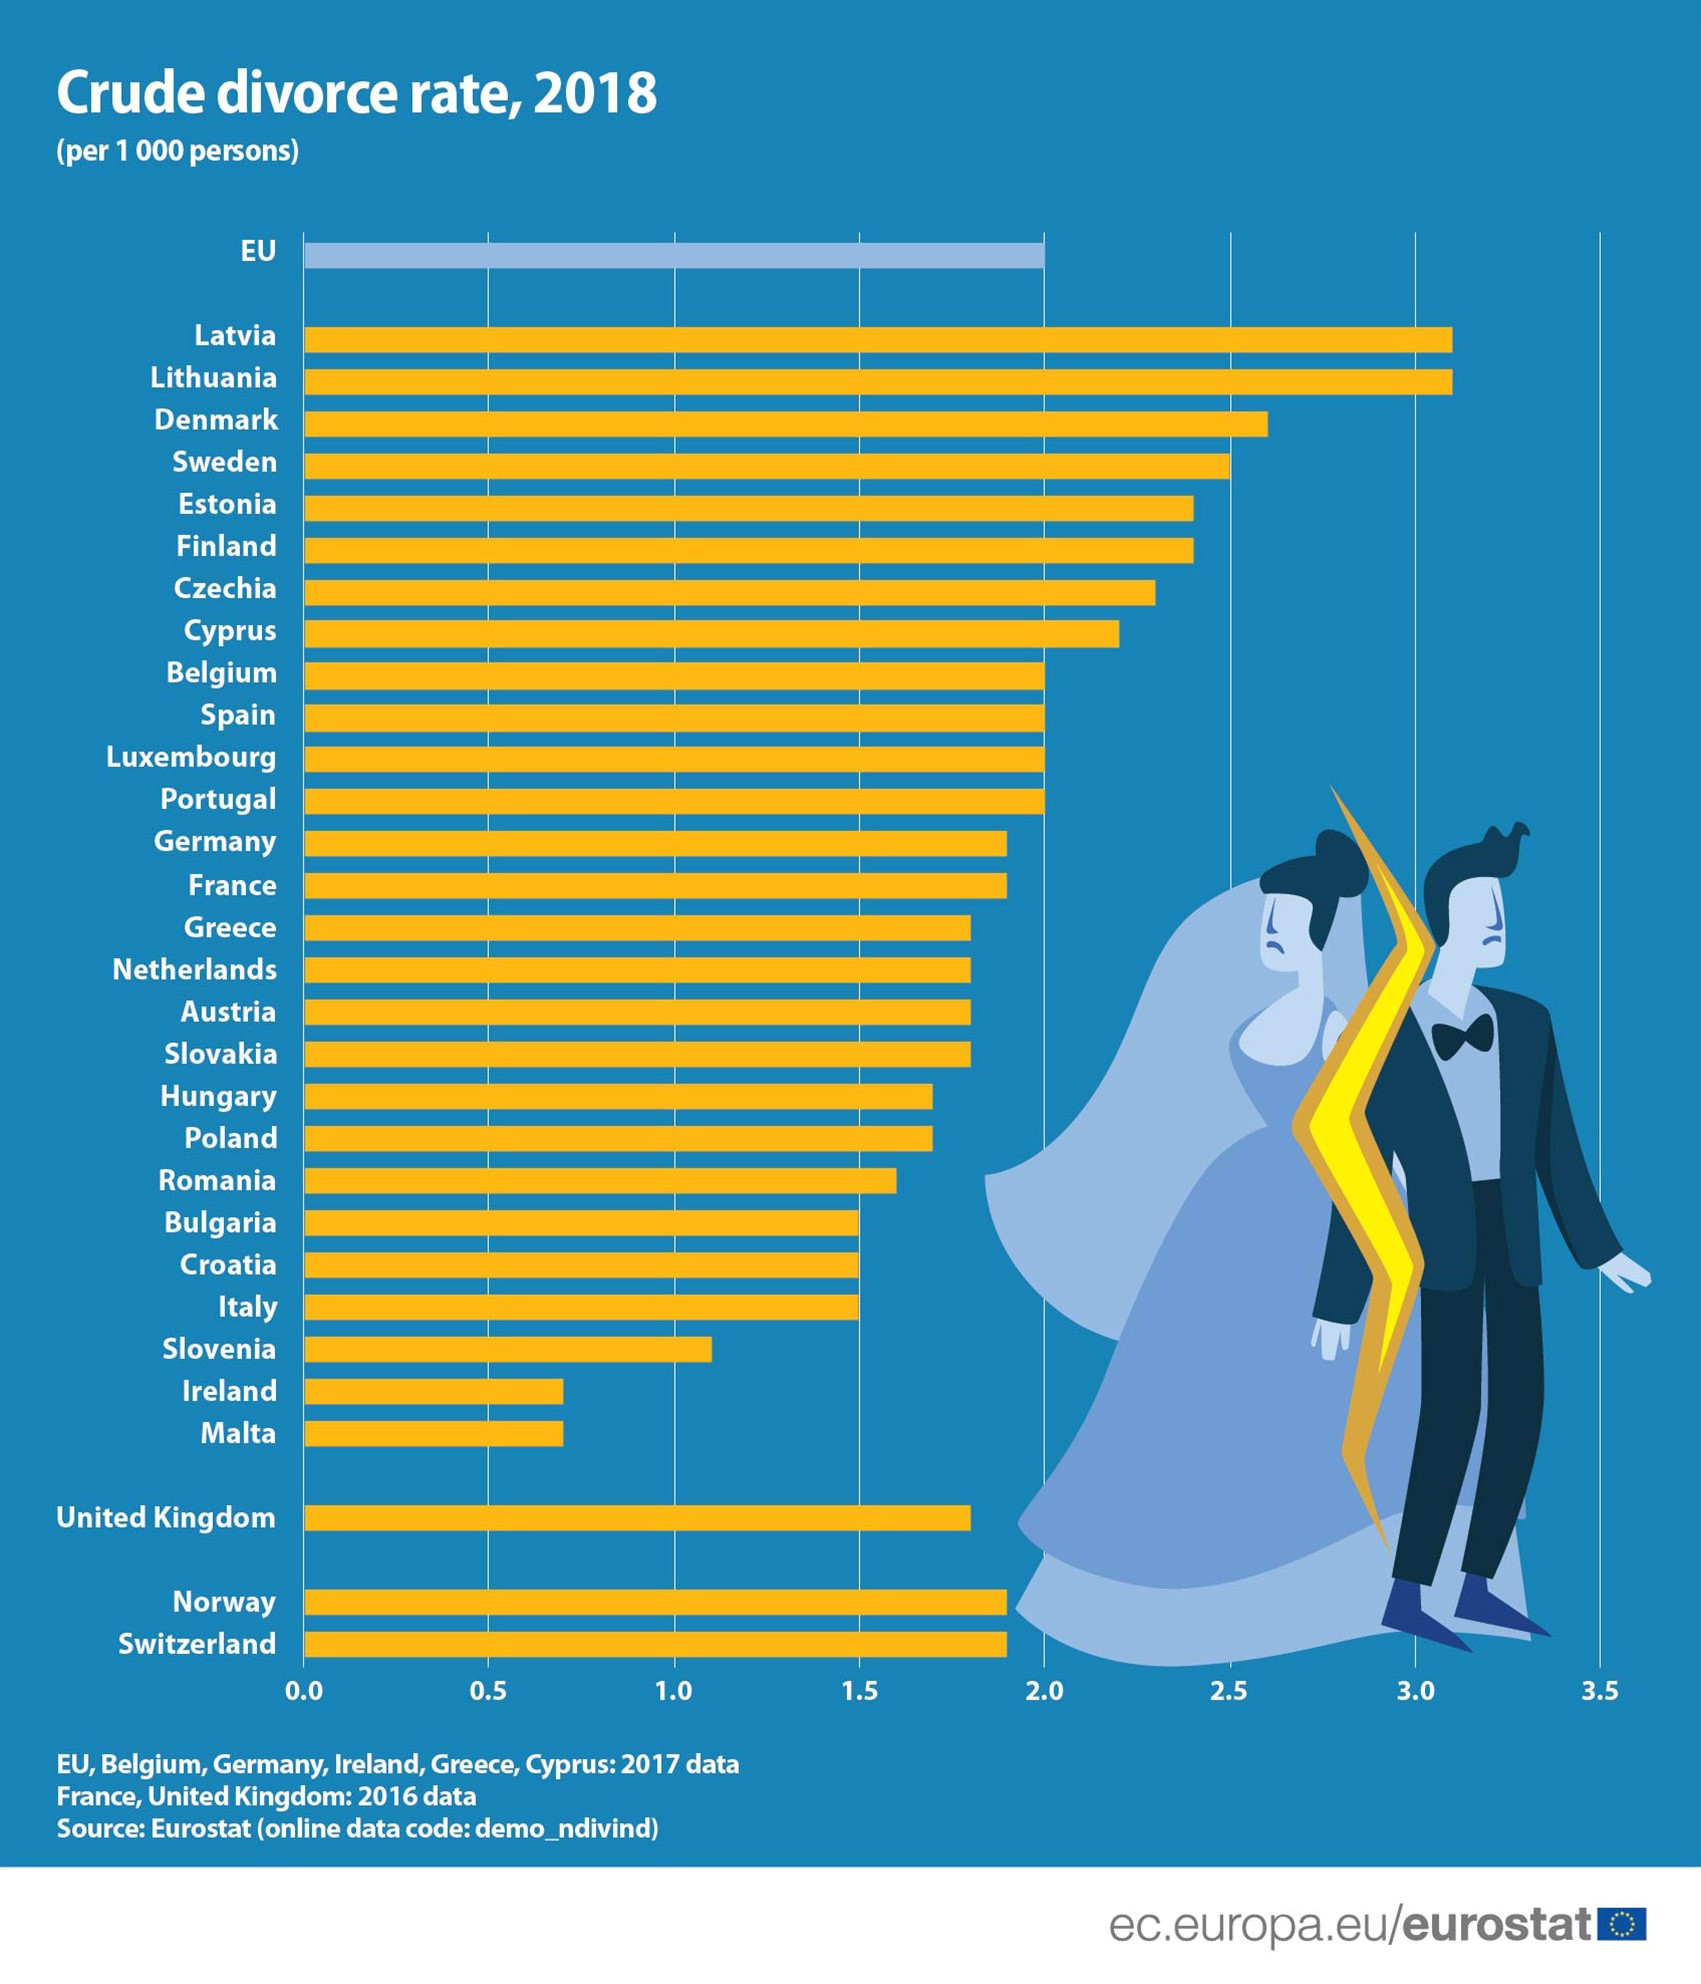 EU crude divorce rate 2018